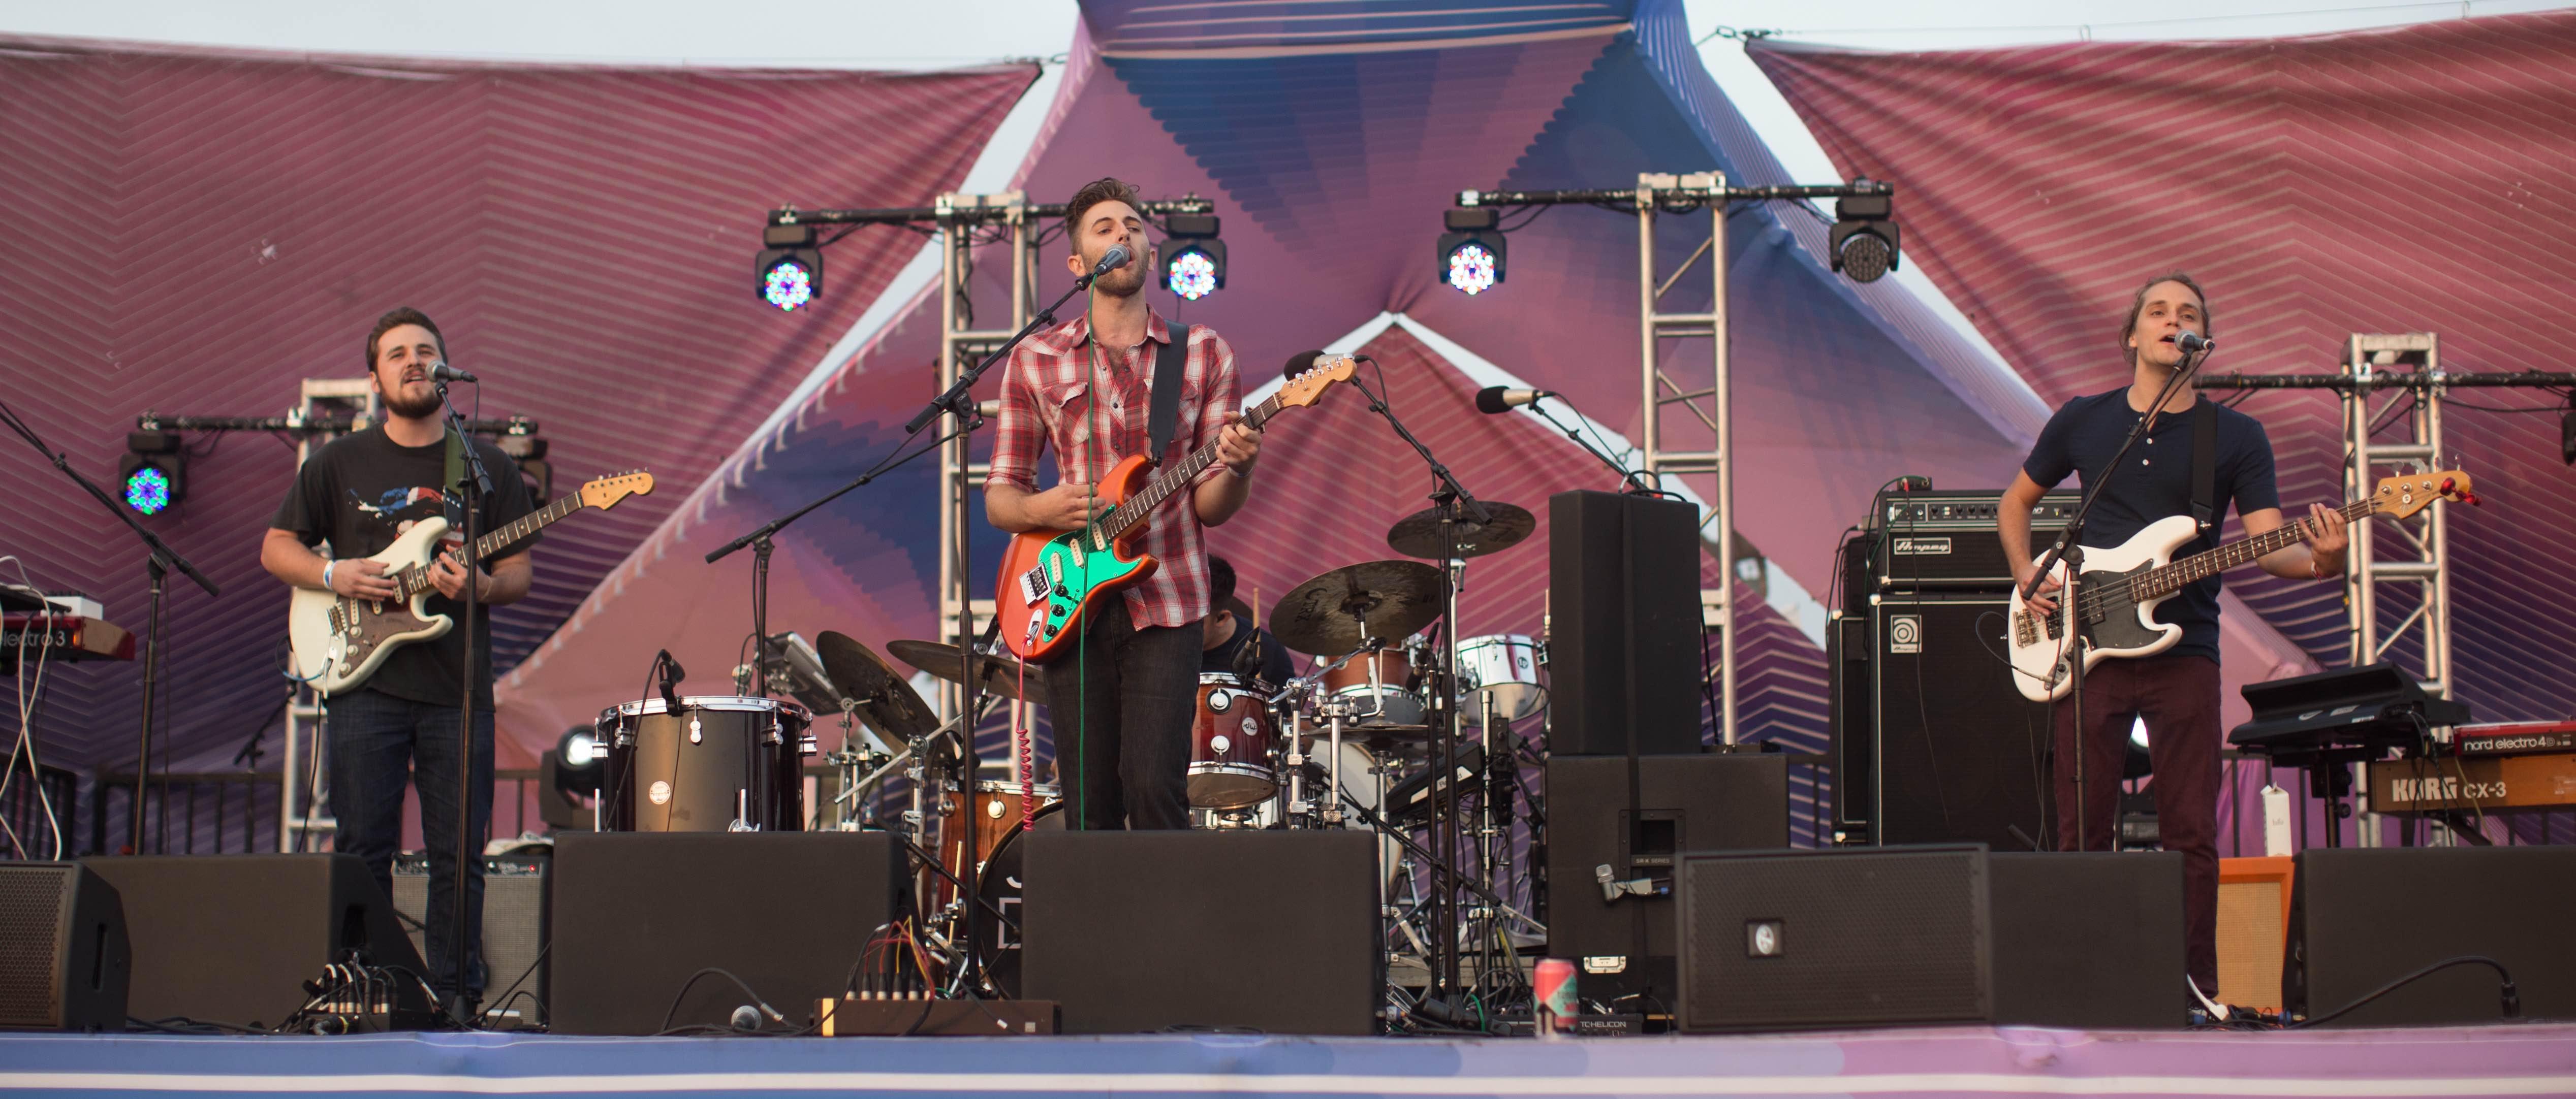 Jake Davis at Santa Monica Pier's Twilight Concert 8/25/16. Photo by Elise Hillinger (@Ela_Fauxtow) for www.BlurredCulture.com.